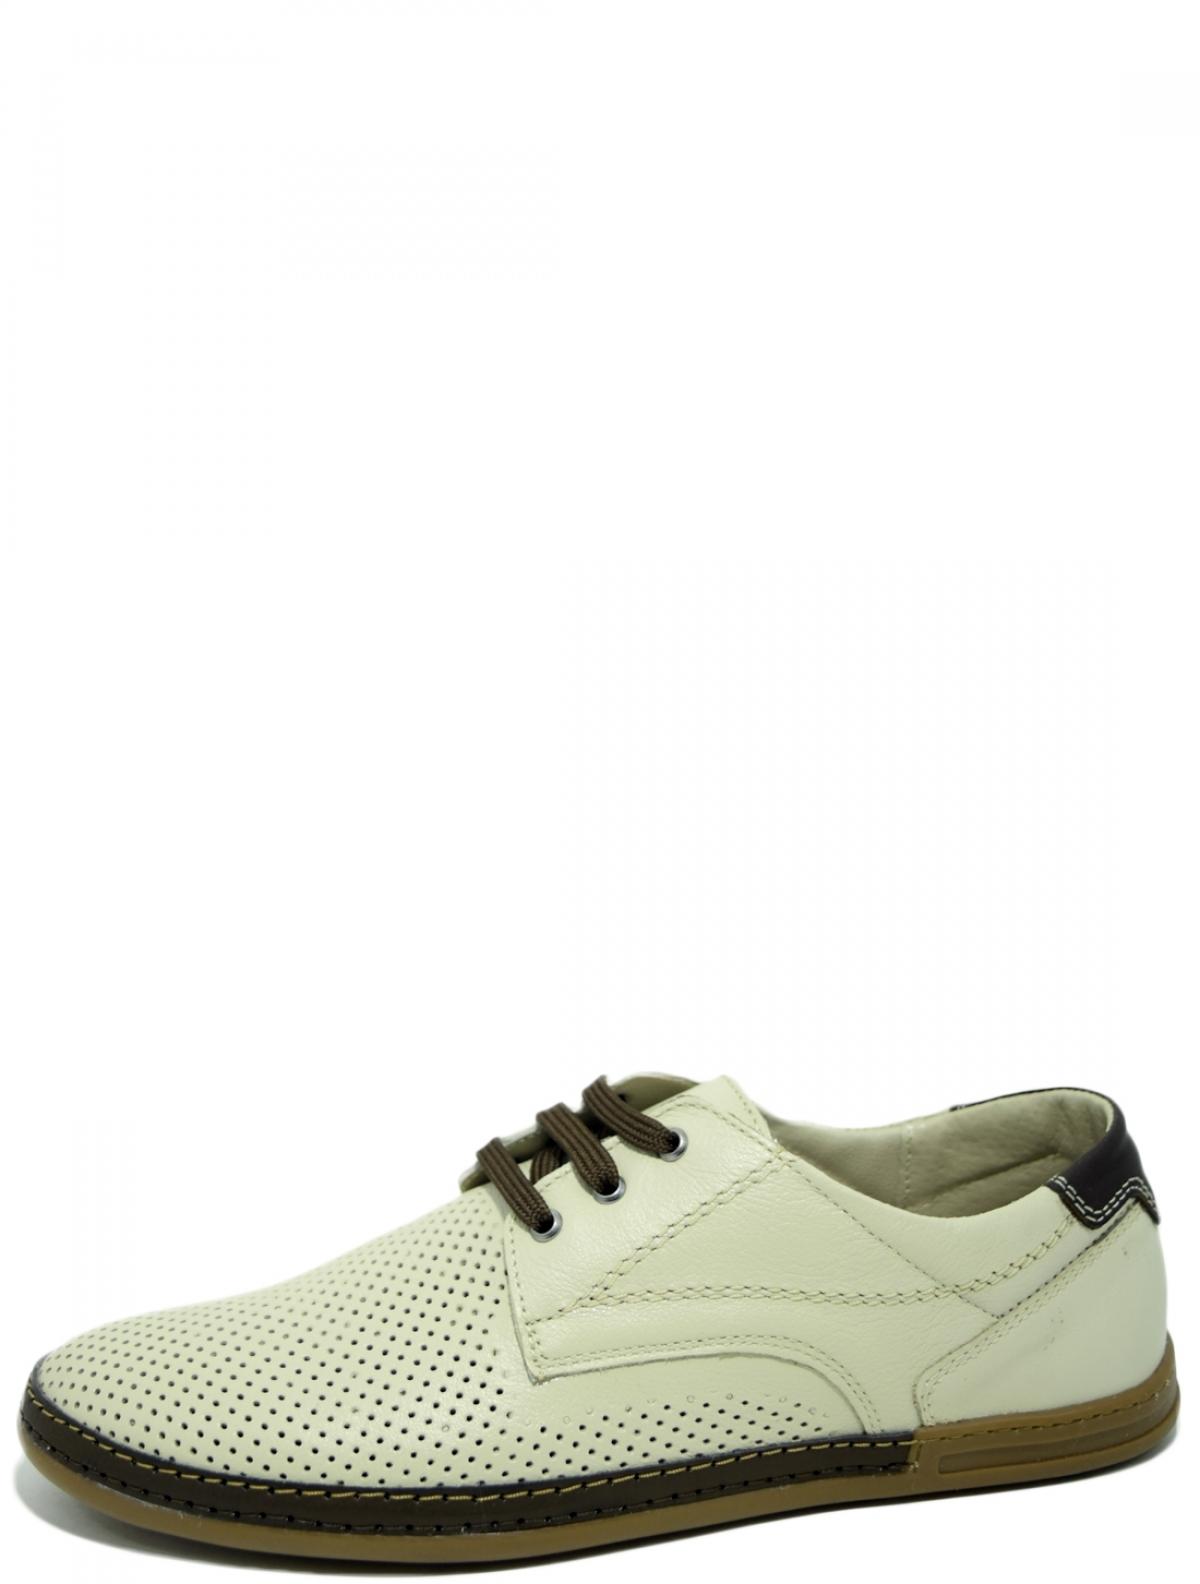 EDERRO 991094638 мужские туфли